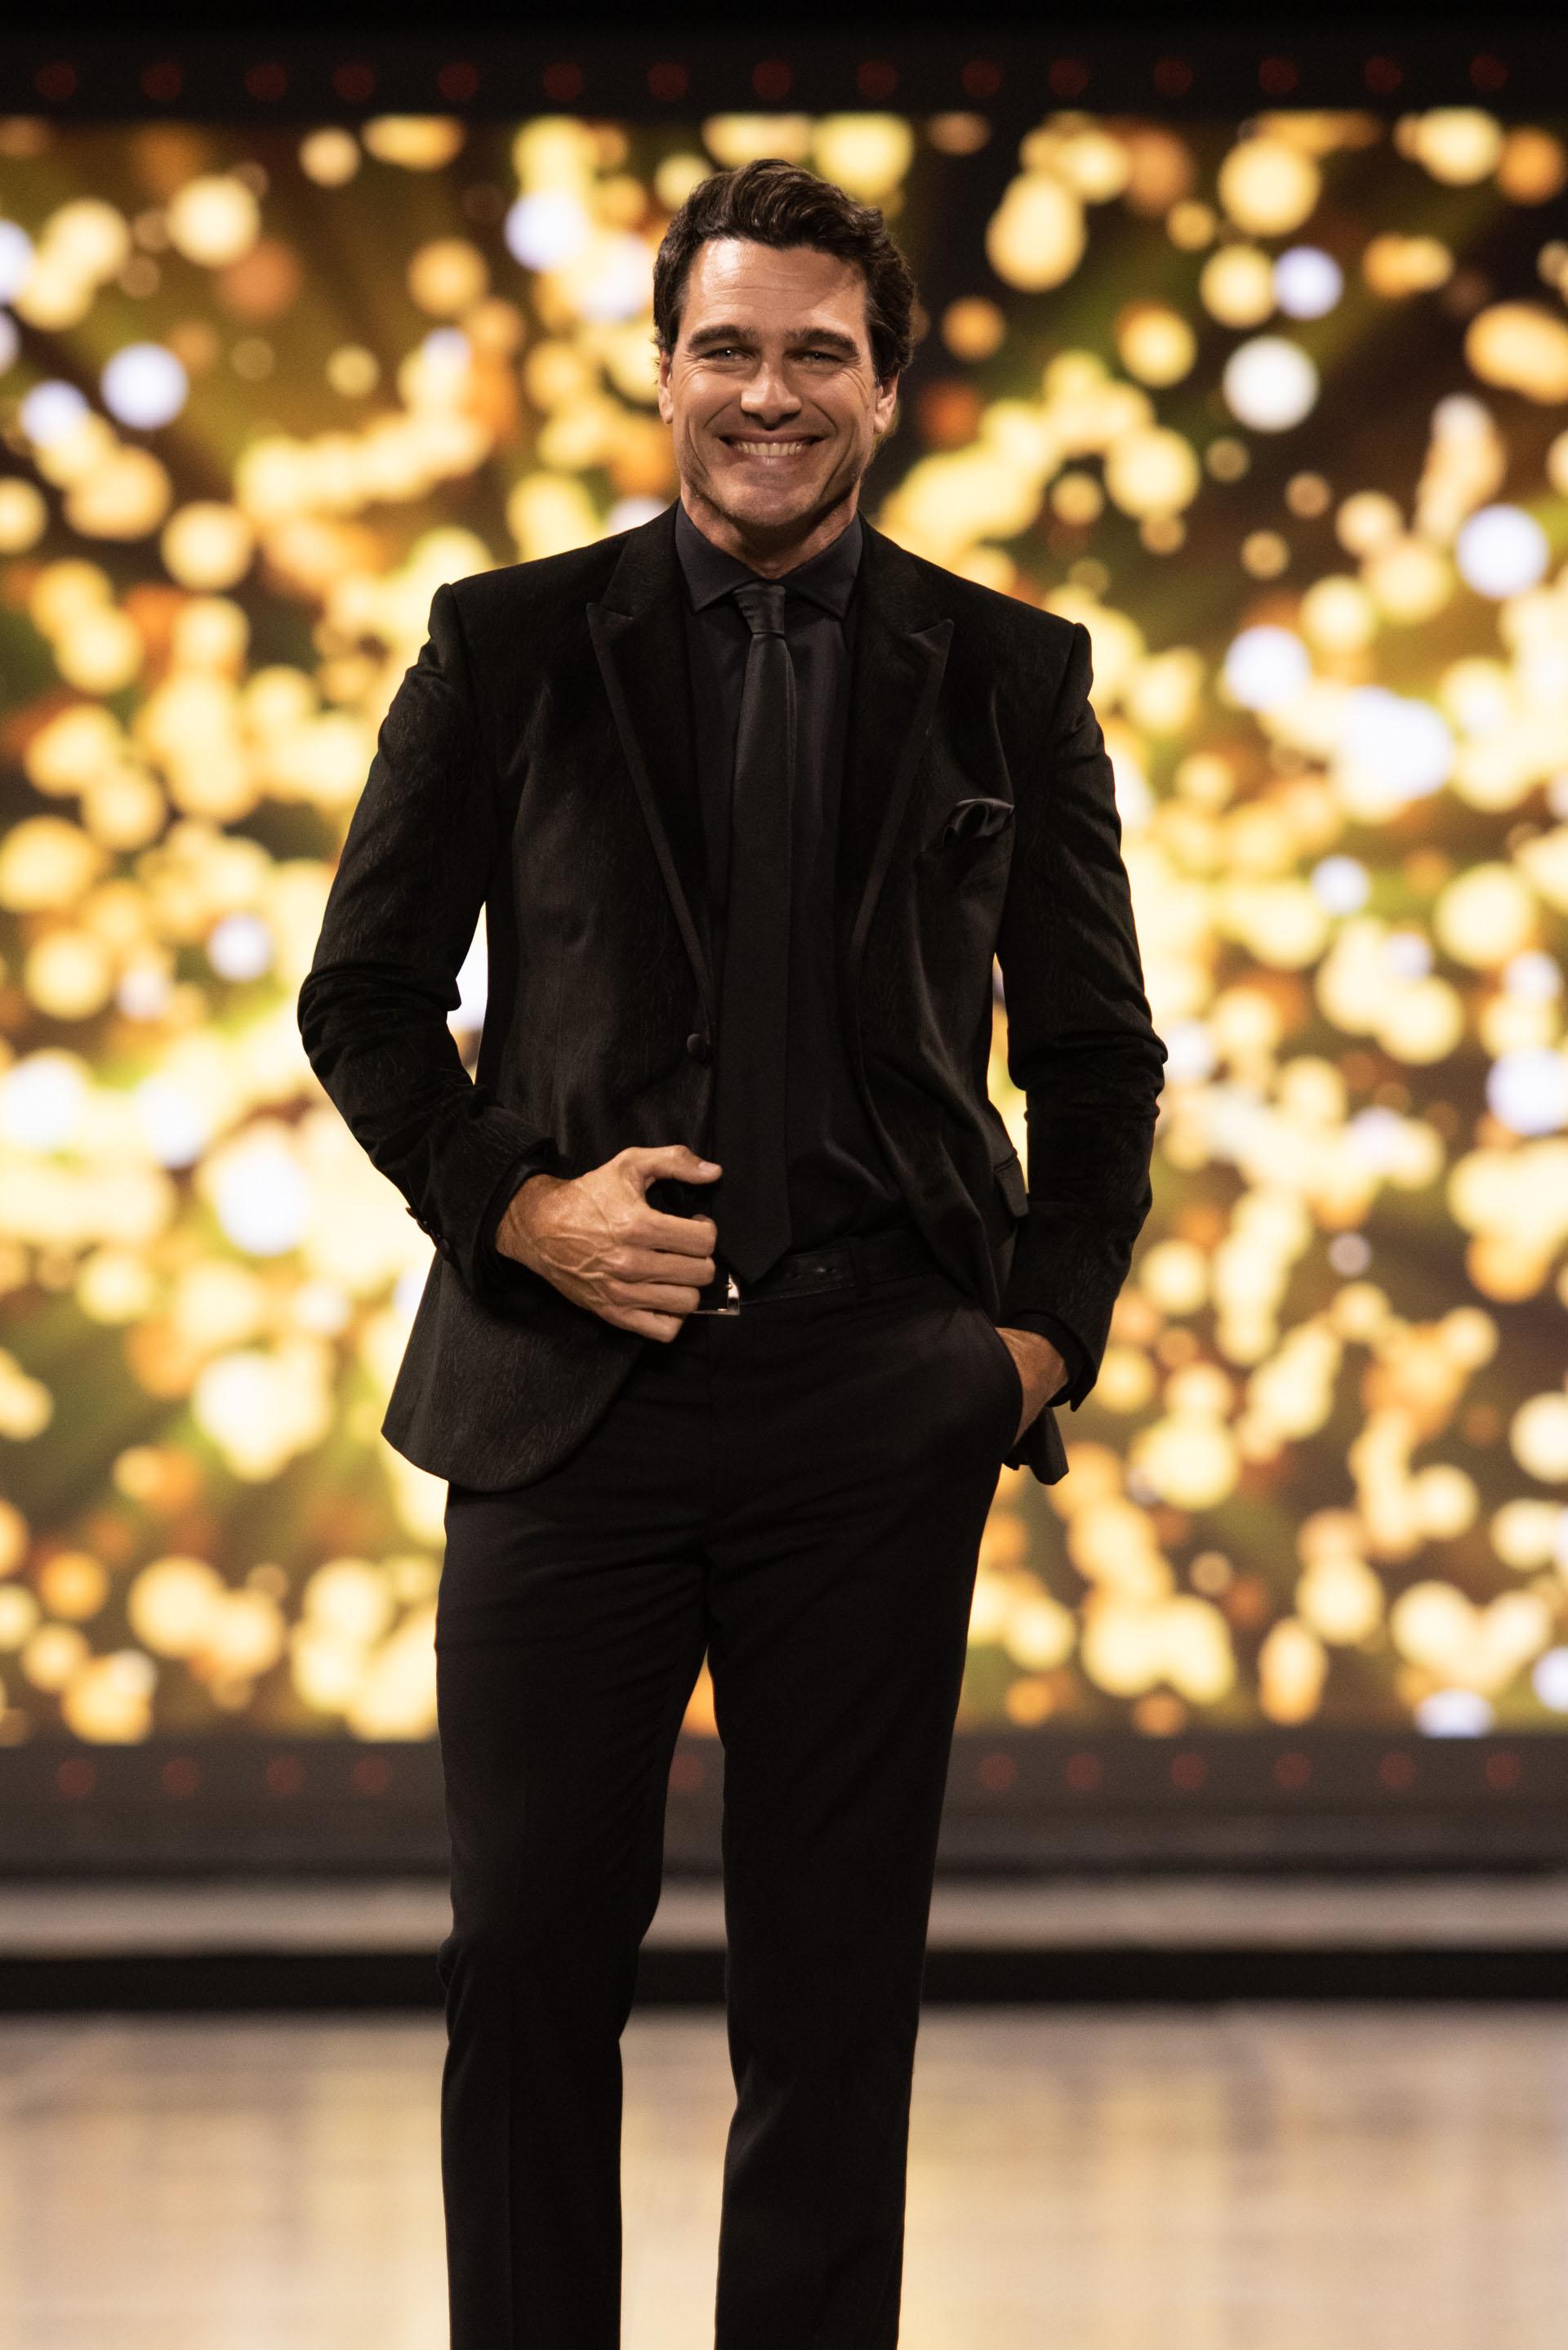 El reconocido modelo y conductor argentino, Hernán Drago, fue el encargado de abrir la pasada de la firma Matices, sinónimo de etiqueta y excelencia en la moda masculina